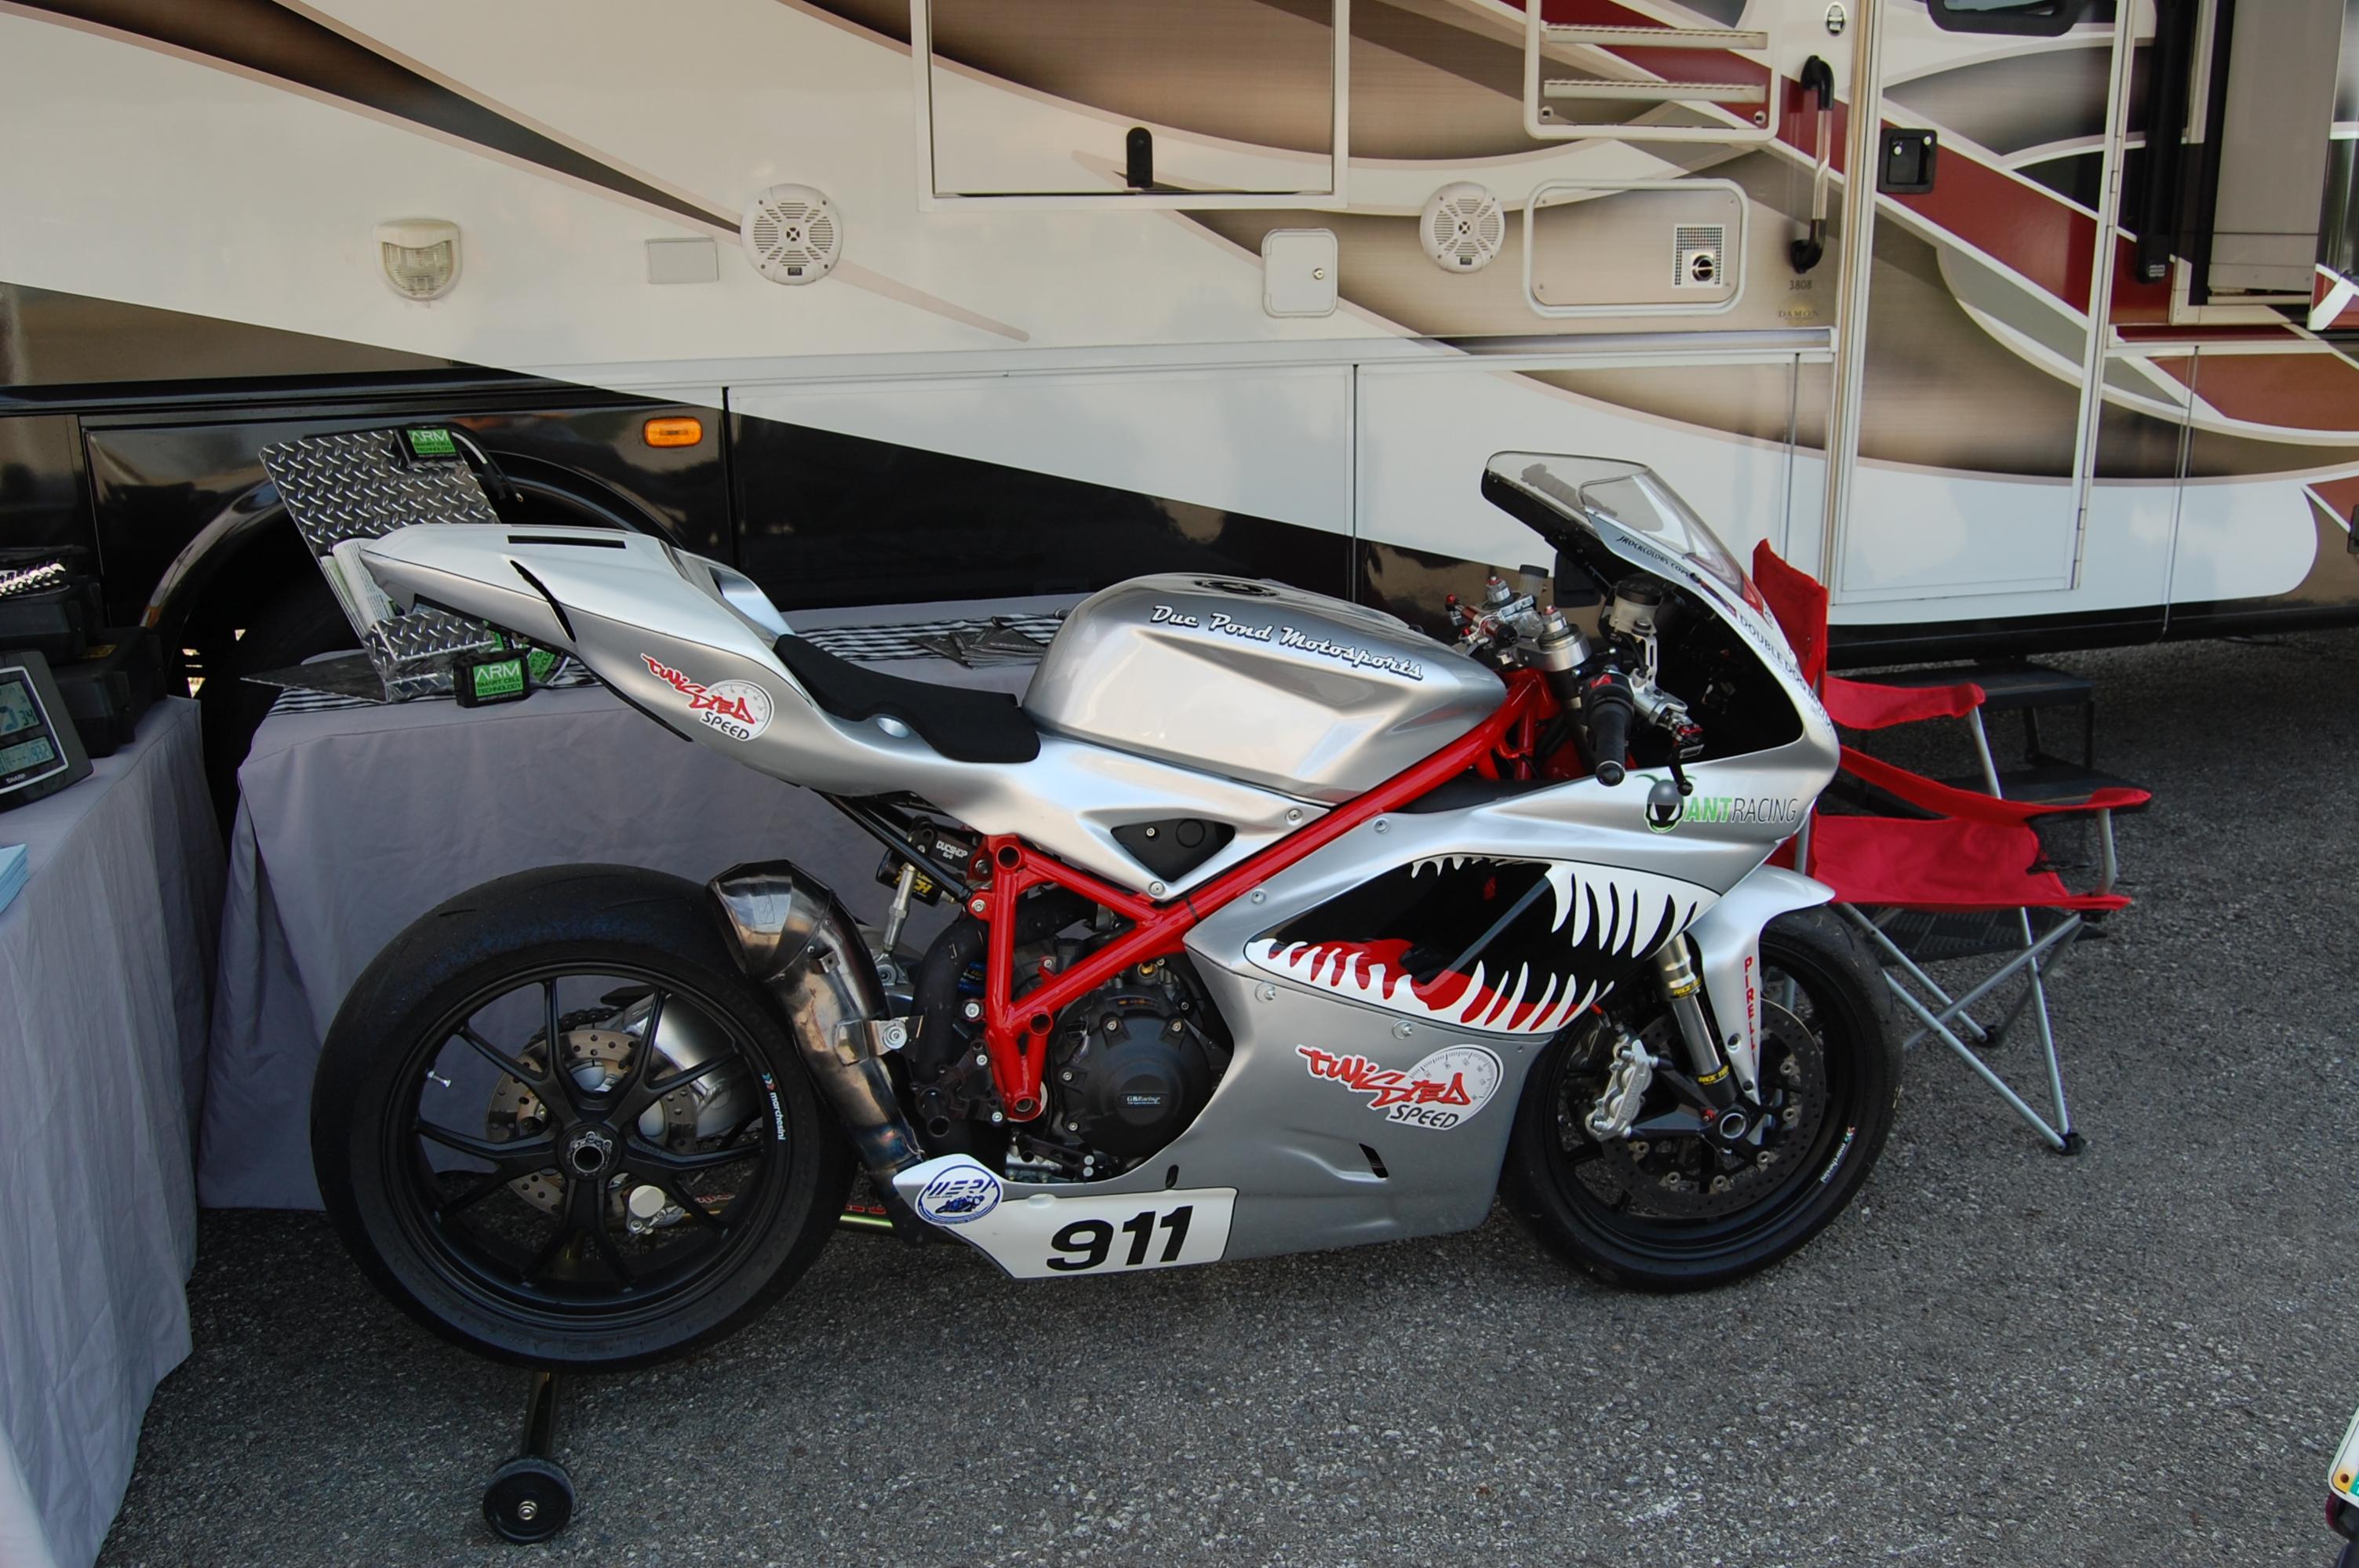 101880d1322776288-ducati-848-race-track-bike-dsc_0290 Wiring Harness In Usa on